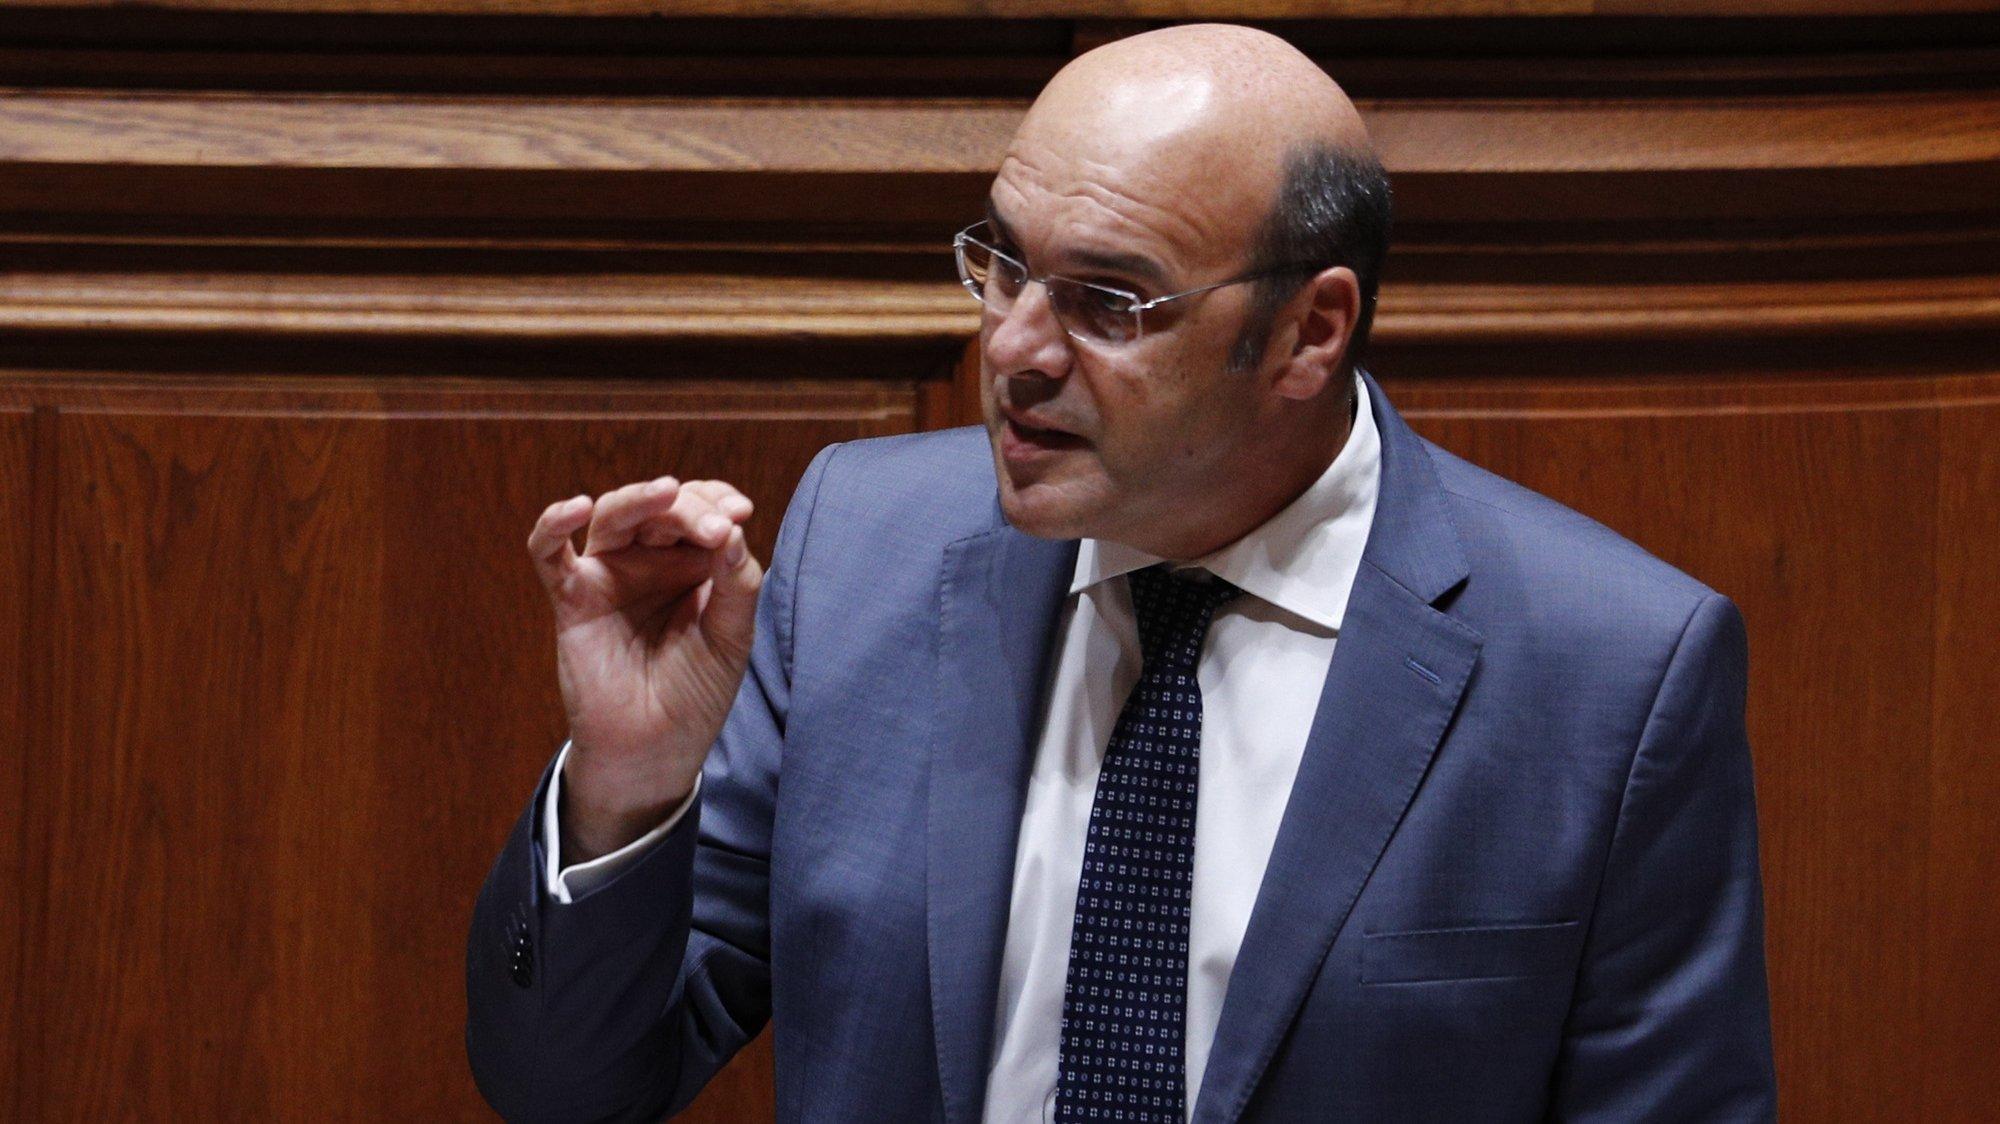 O ministro de Estado, da Economia e da Transição Digital, Pedro Siza Vieira, intervém durante o debate parlamentar sobre o estado da Nação, na Assembleia da República, em Lisboa, 21 de julho de 2021. ANTÓNIO COTRIM/LUSA